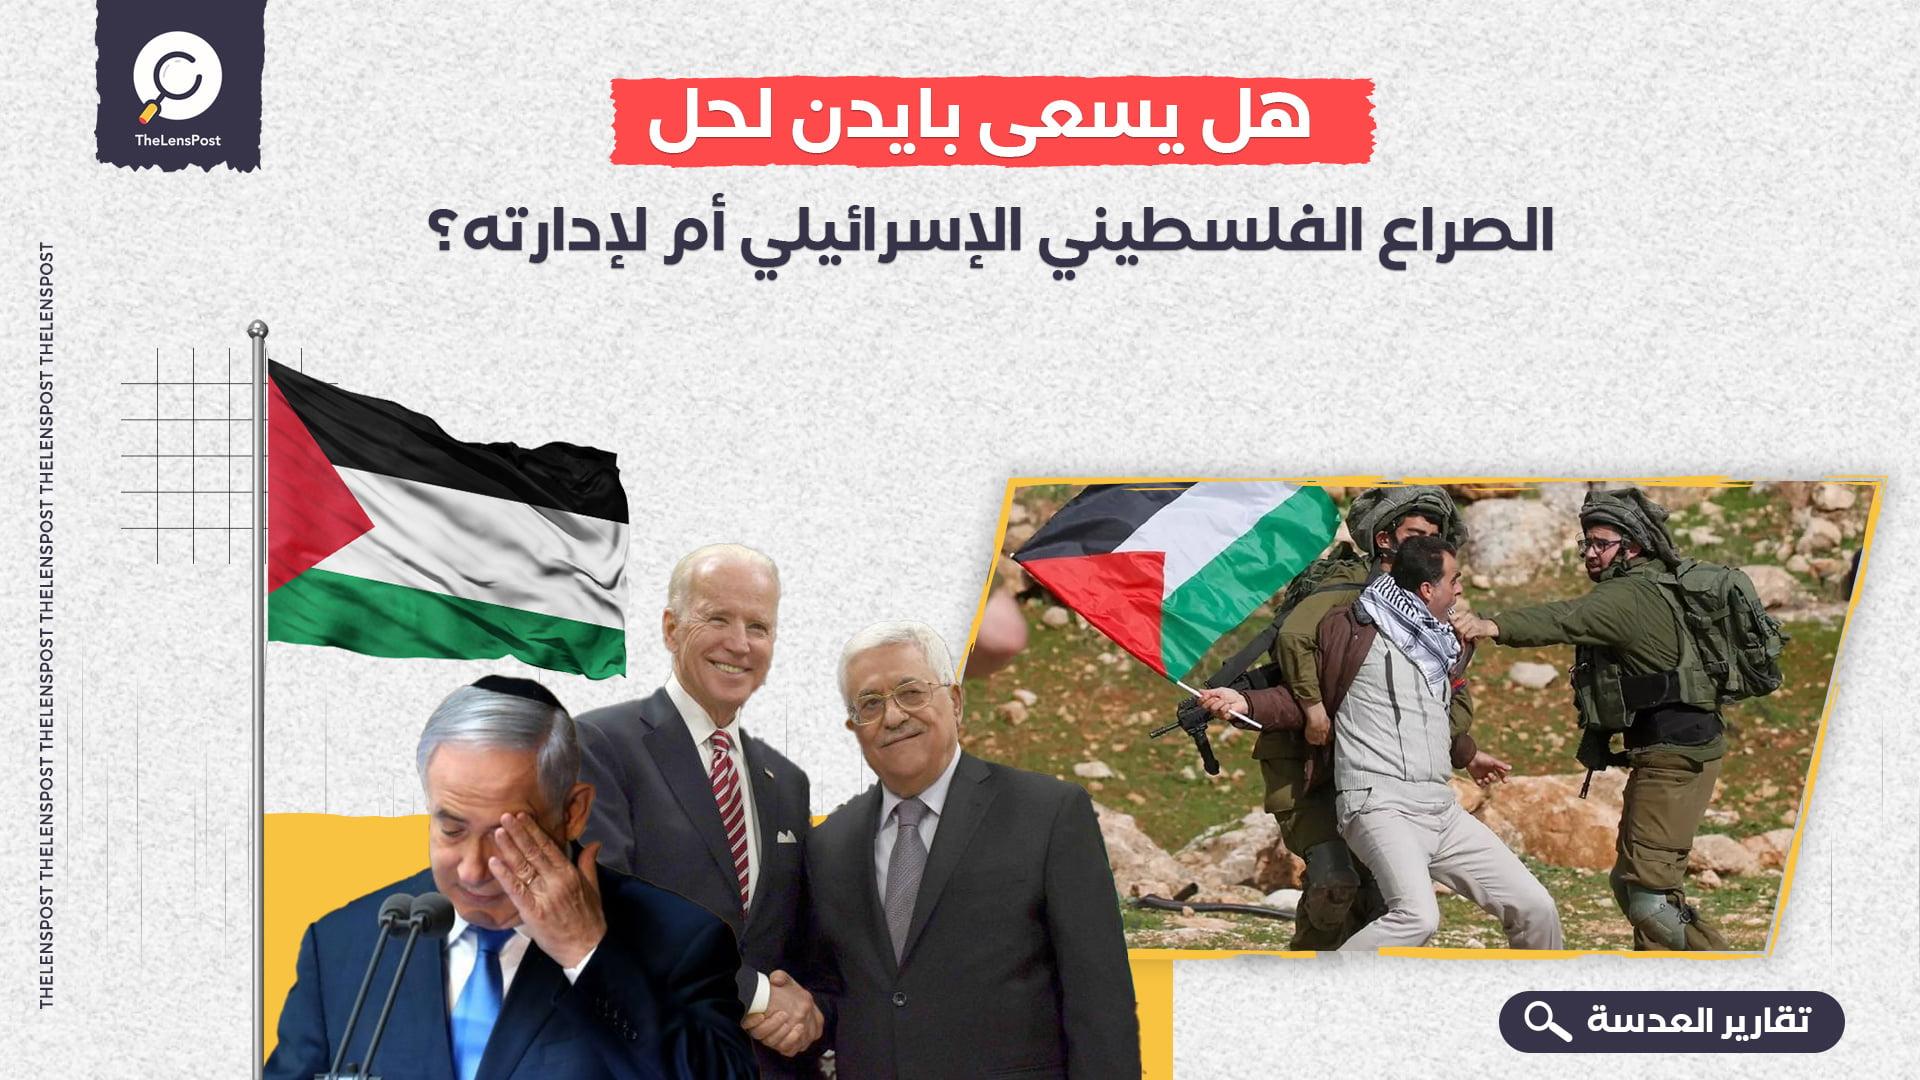 هل يسعى بايدن لحل الصراع الفلسطيني الإسرائيلي أم لإدارته؟